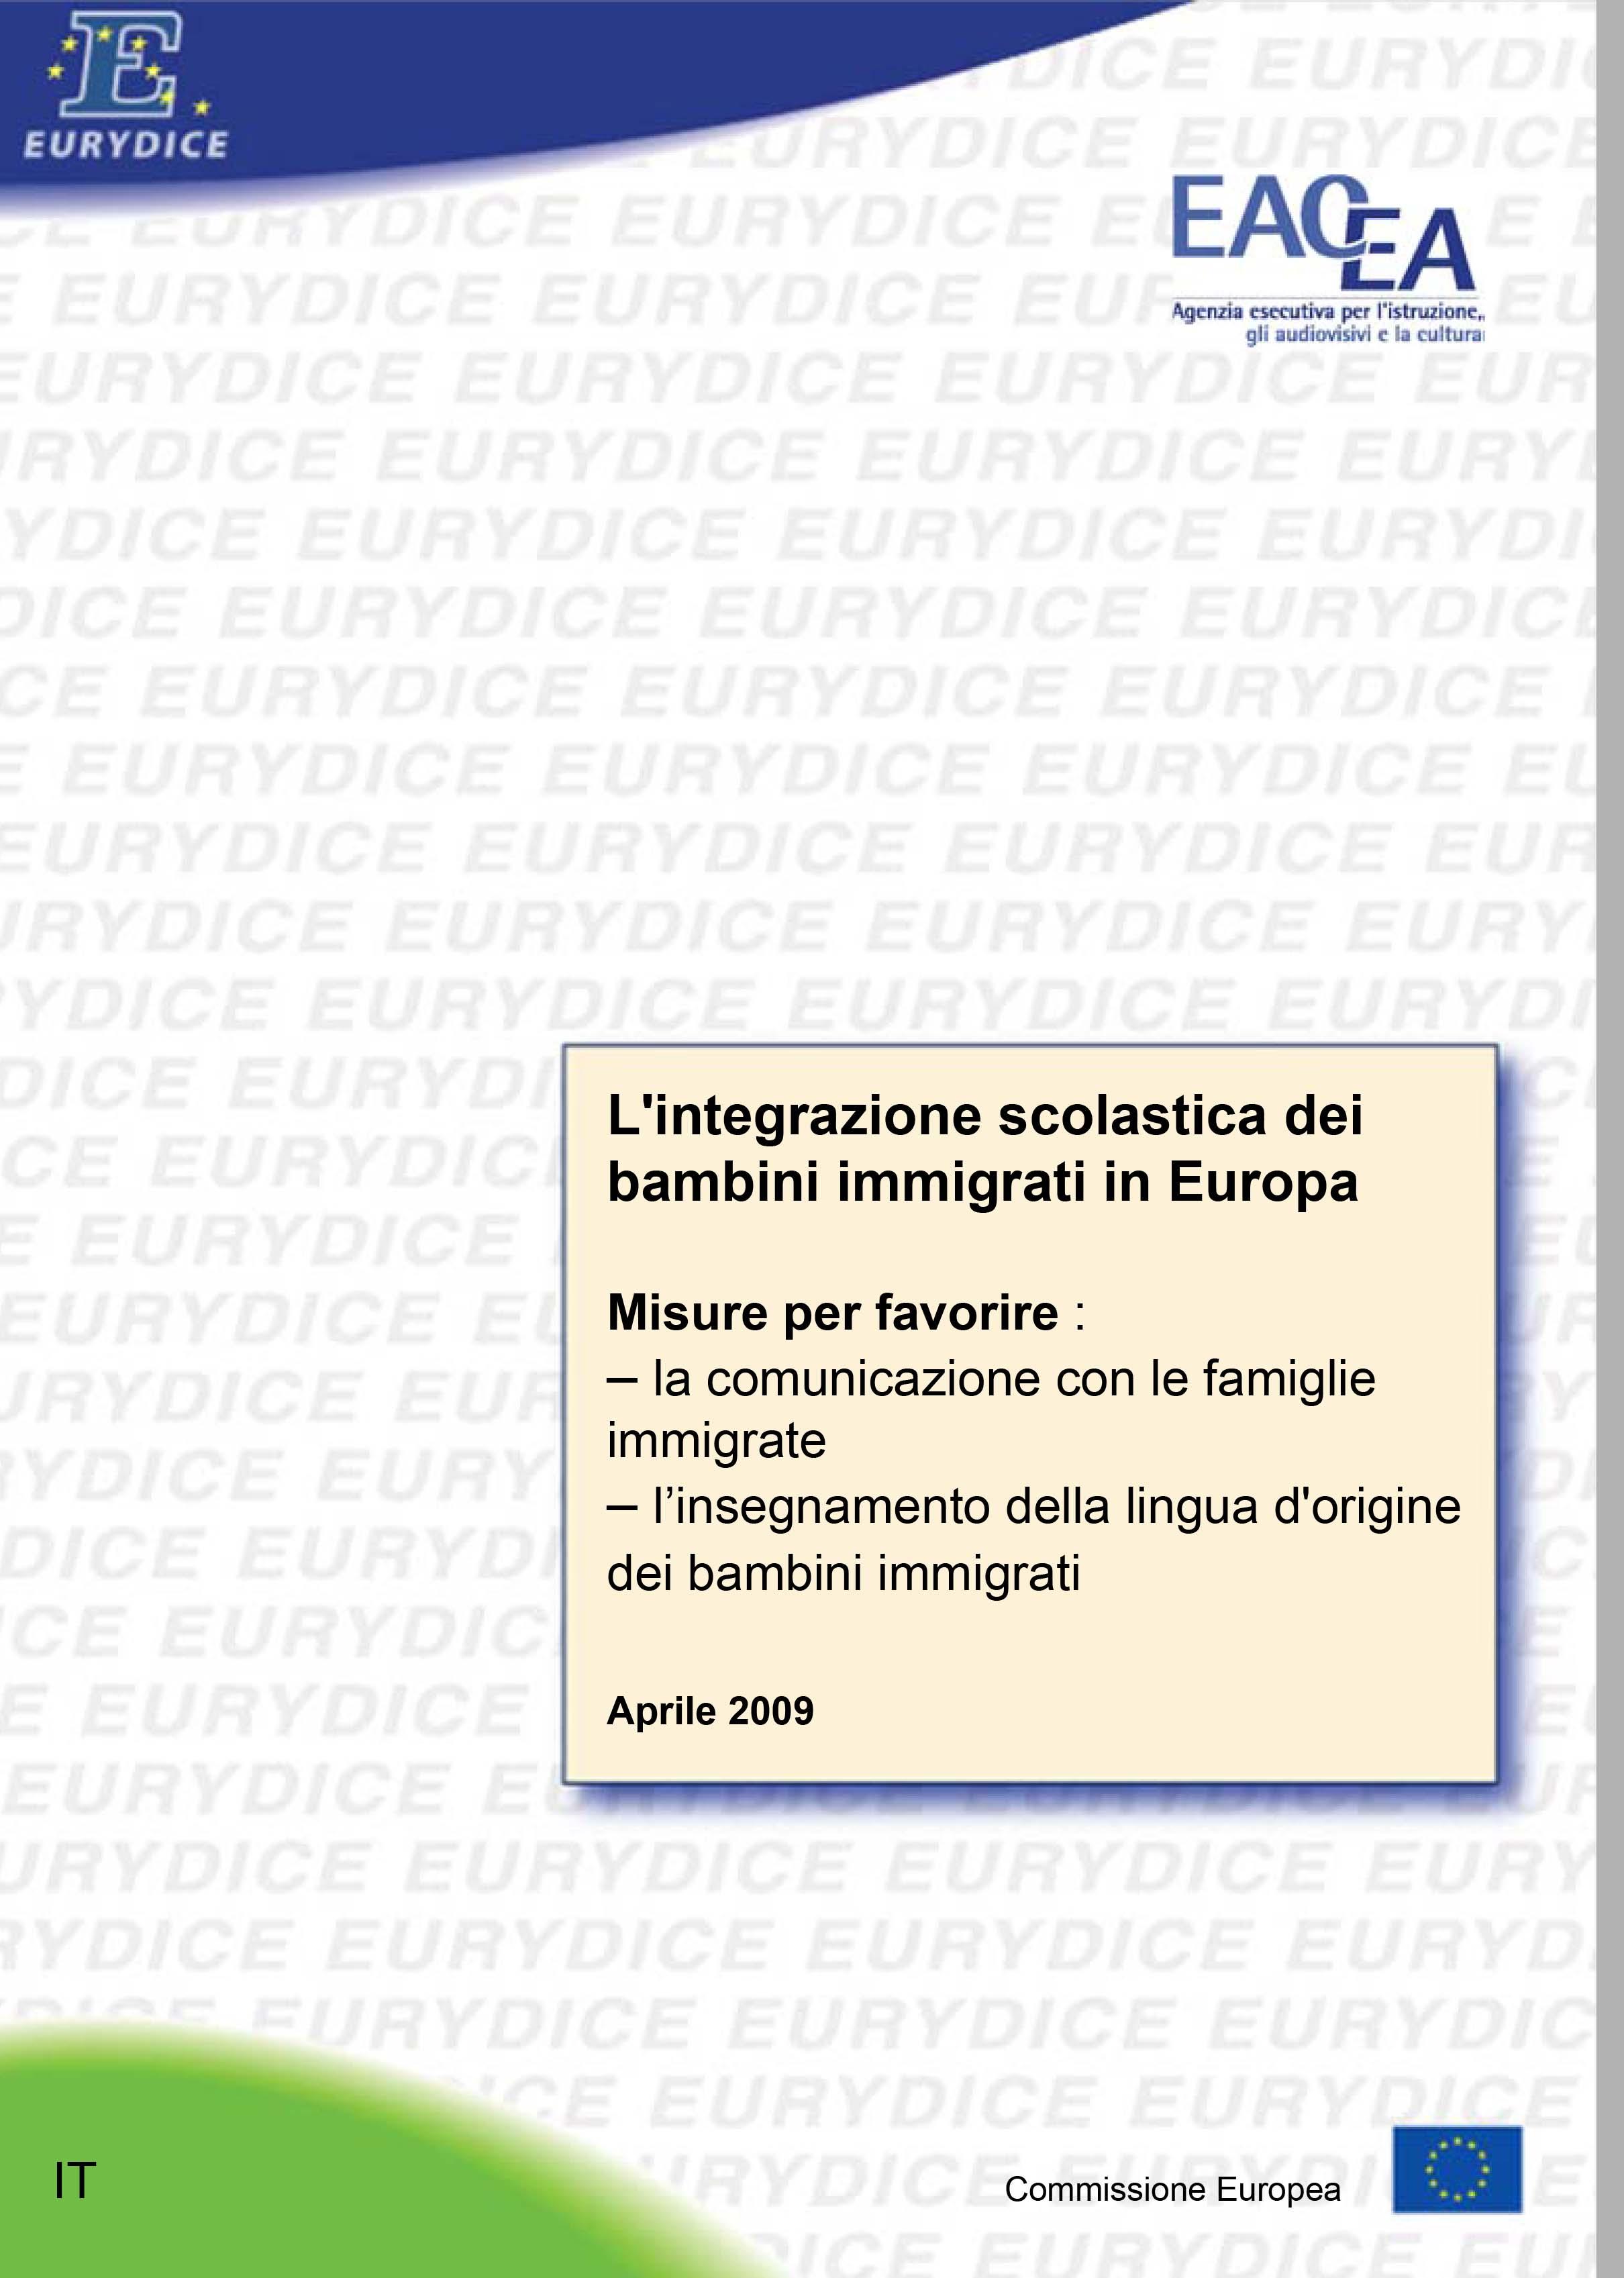 L'integrazione scolastica dei bambini immigrati in Europa